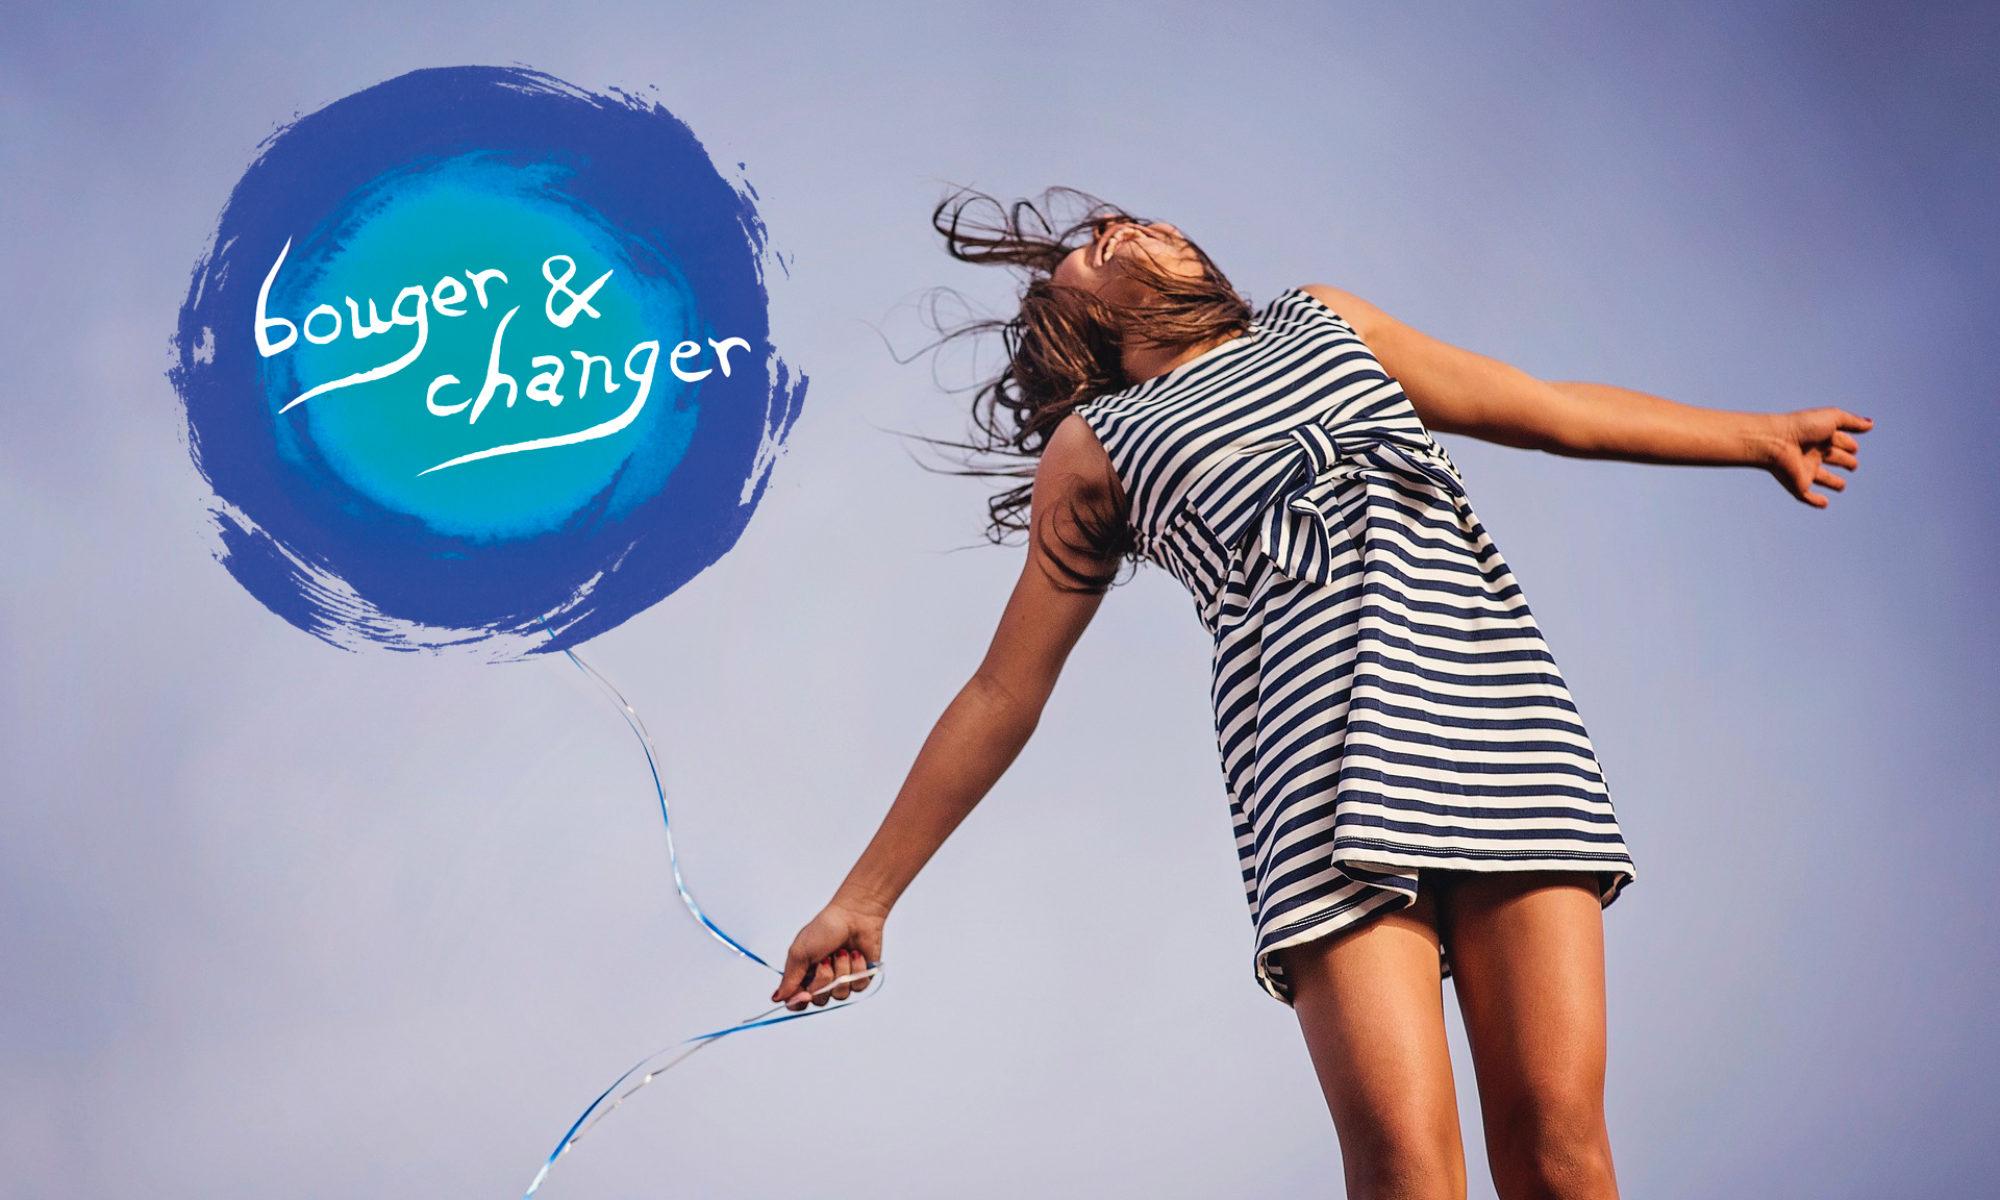 Bouger et changer